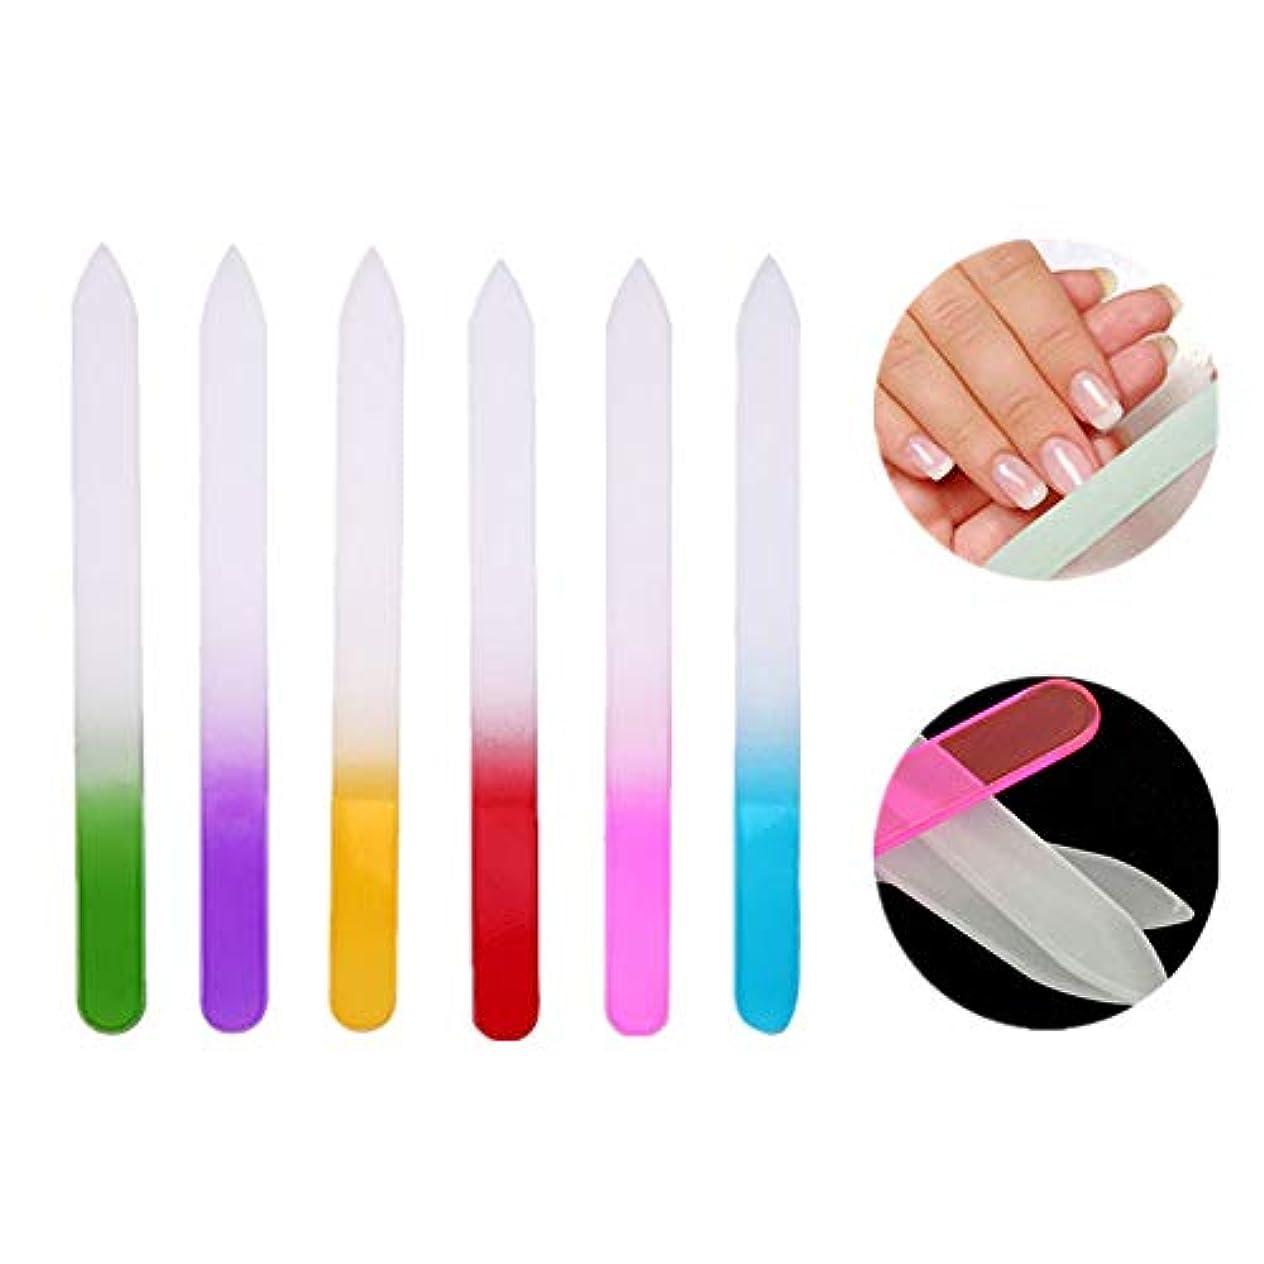 選ぶ提唱する役員Kingsie ガラス製 爪やすり 6個セット 14cm 両面タイプ 爪やすり 水洗い可 携帯用 ネイルケア